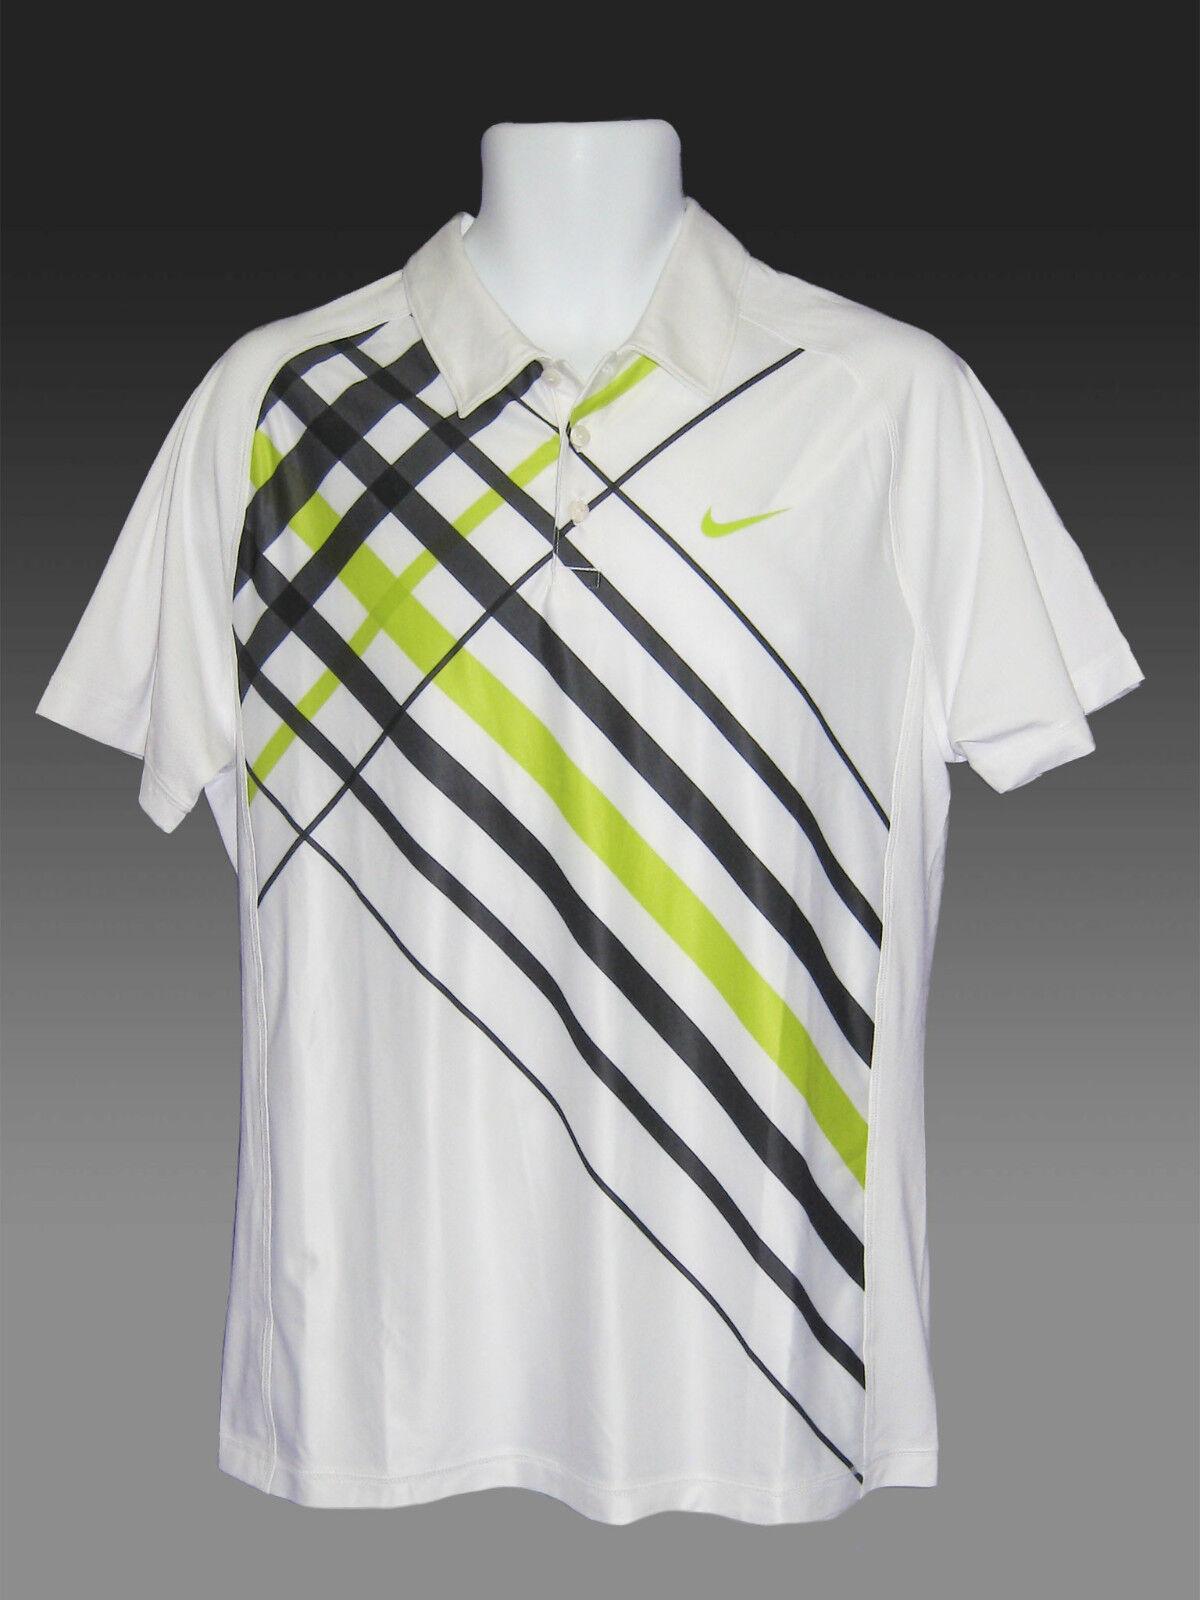 New NIKE TENNIS DriFit Polo Shirt White with Grey Diagonals M